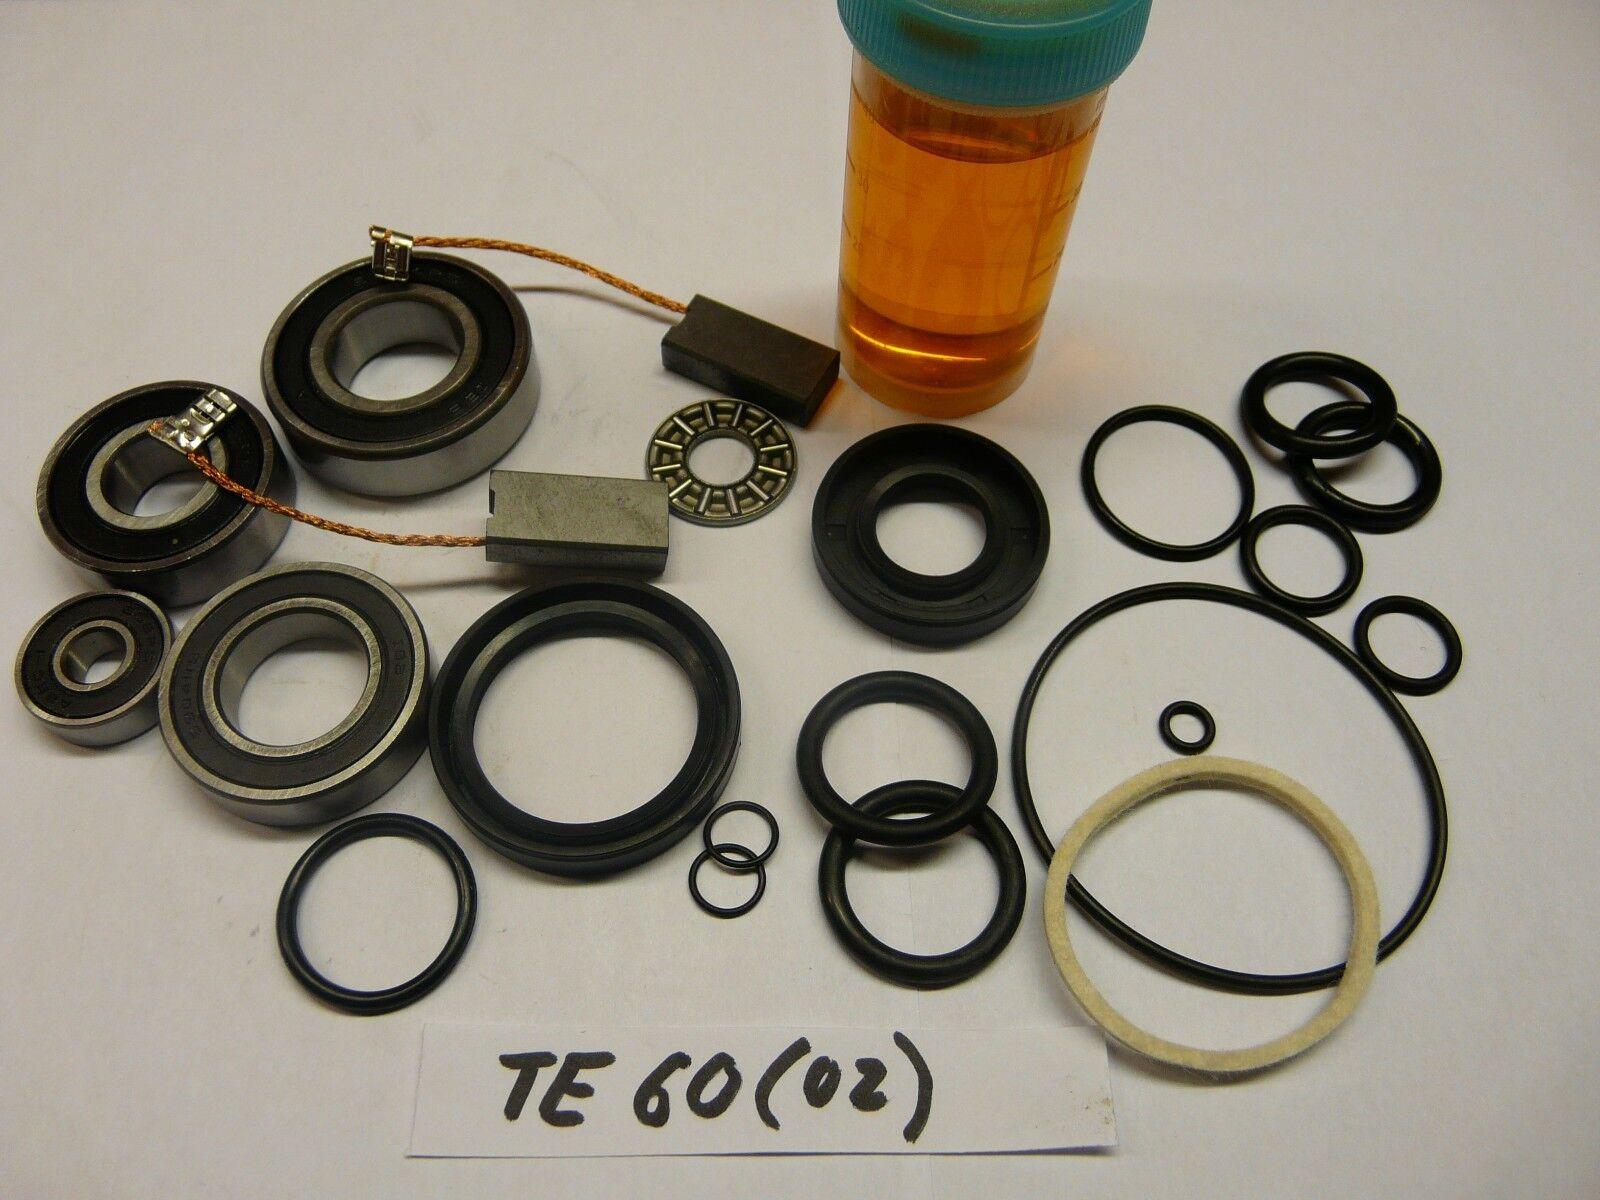 Hilti TE 60 (02) ab Bj. 2008, mit Pleuel Reparatursatz, Verschleissteilesatz,